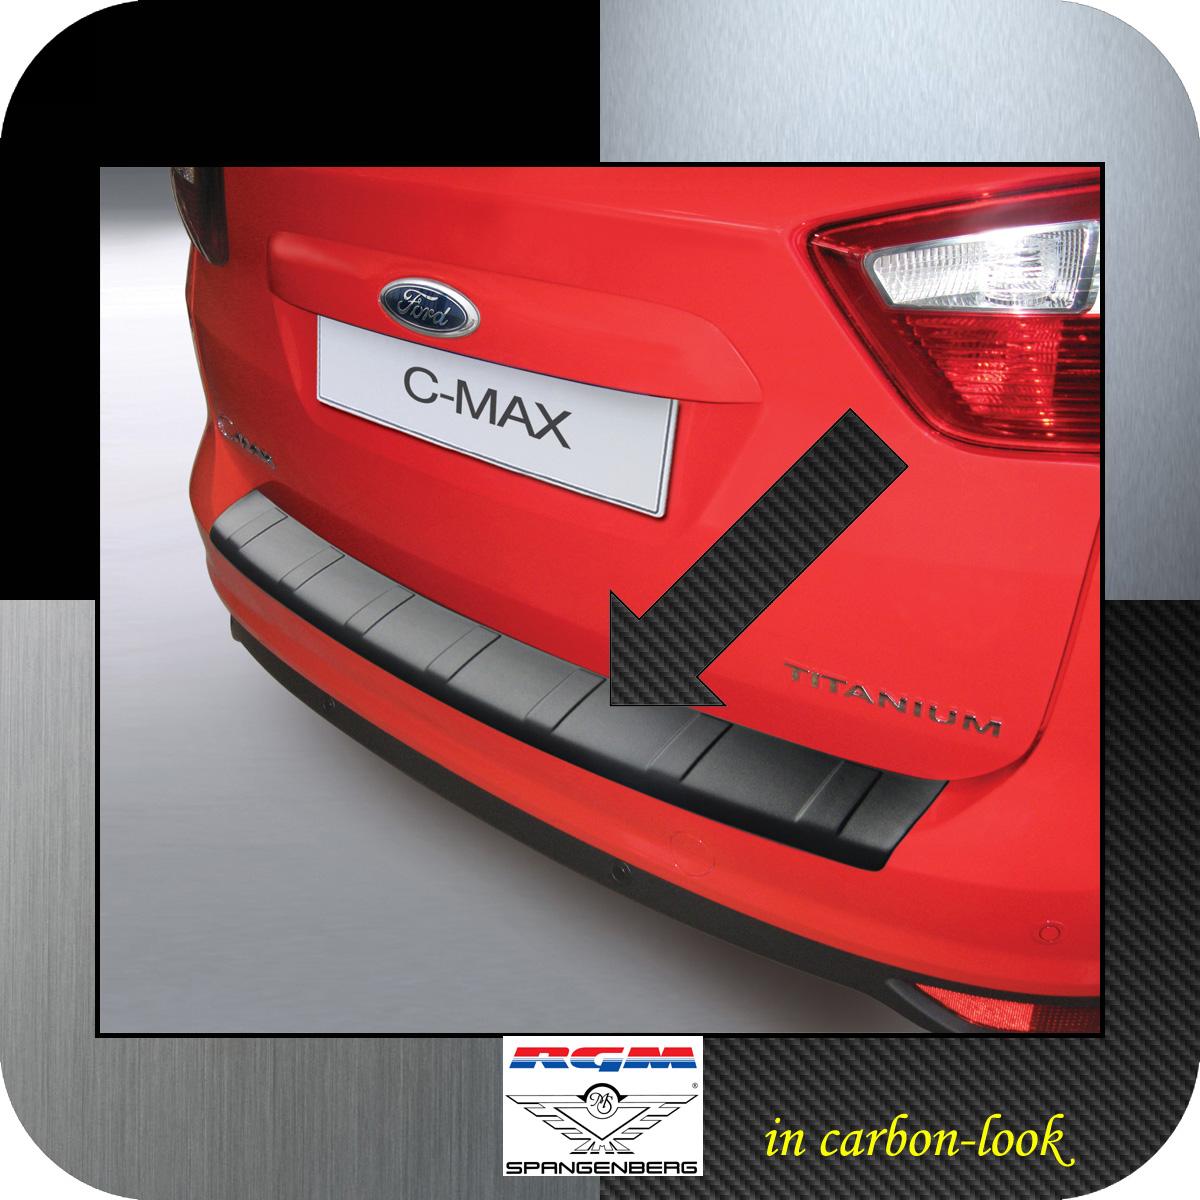 Ladekantenschutz Carbon-Look Ford C-MAX II vor facelift 2010-2015 3509773